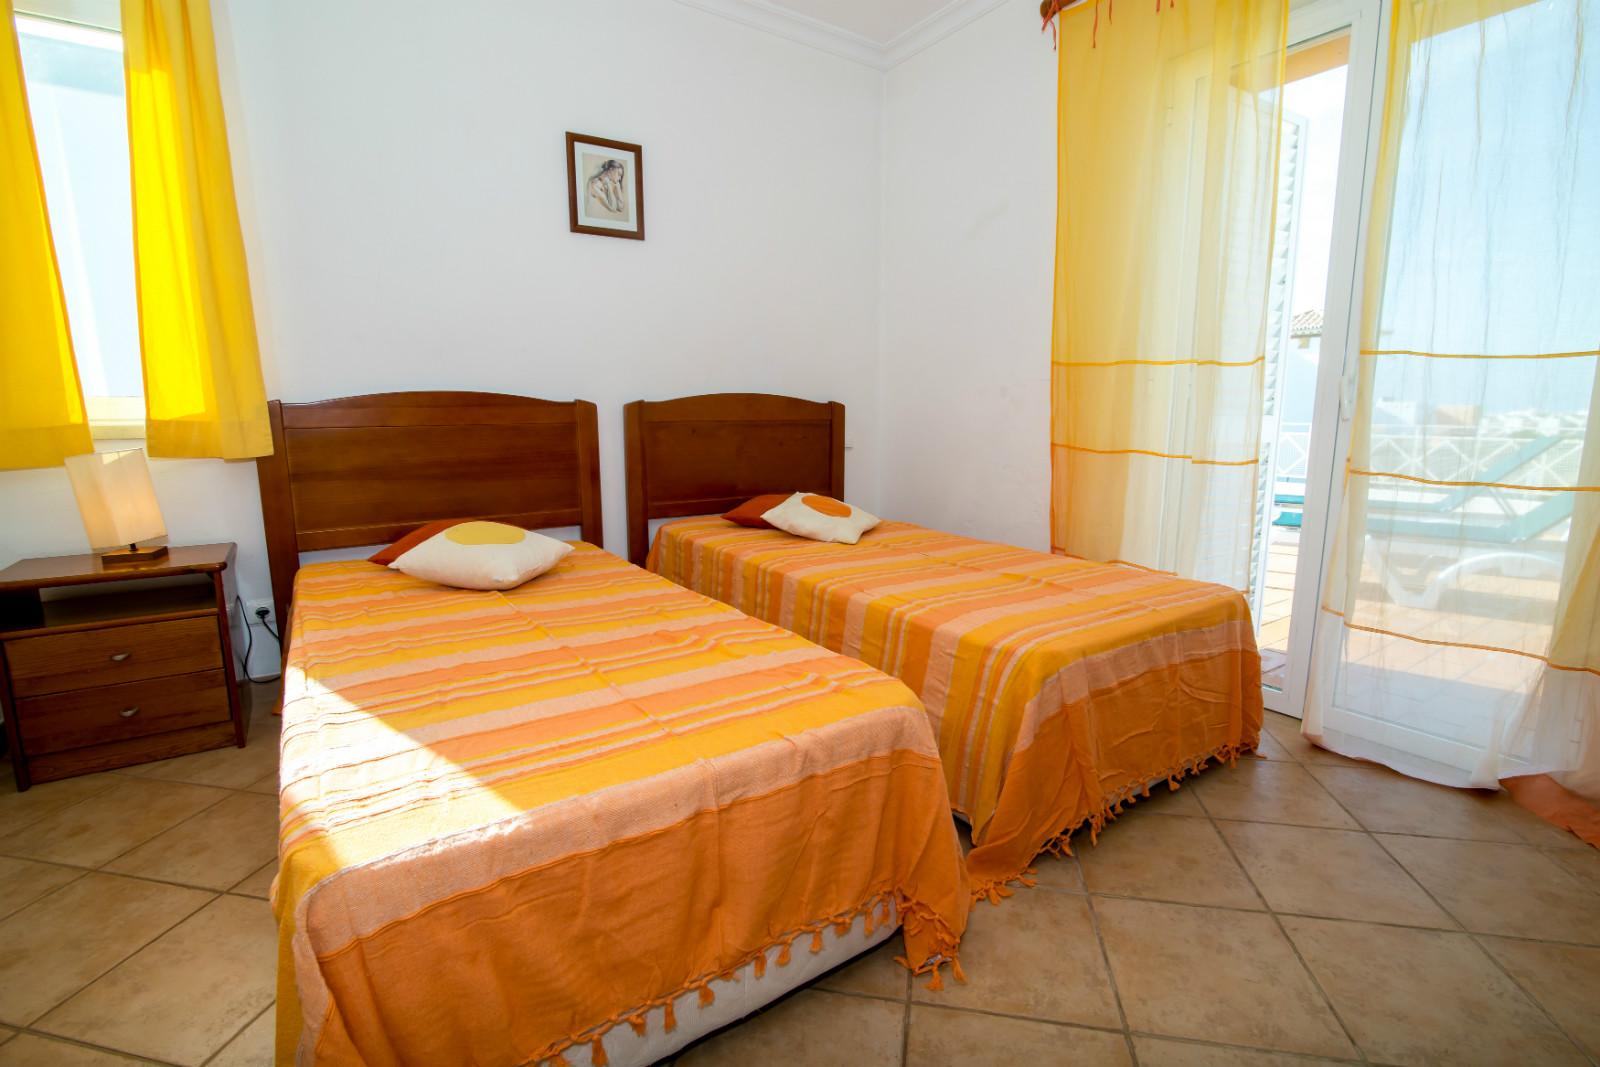 1st floor bedroom overlooking terrace, double glazing doors & windows & shutters